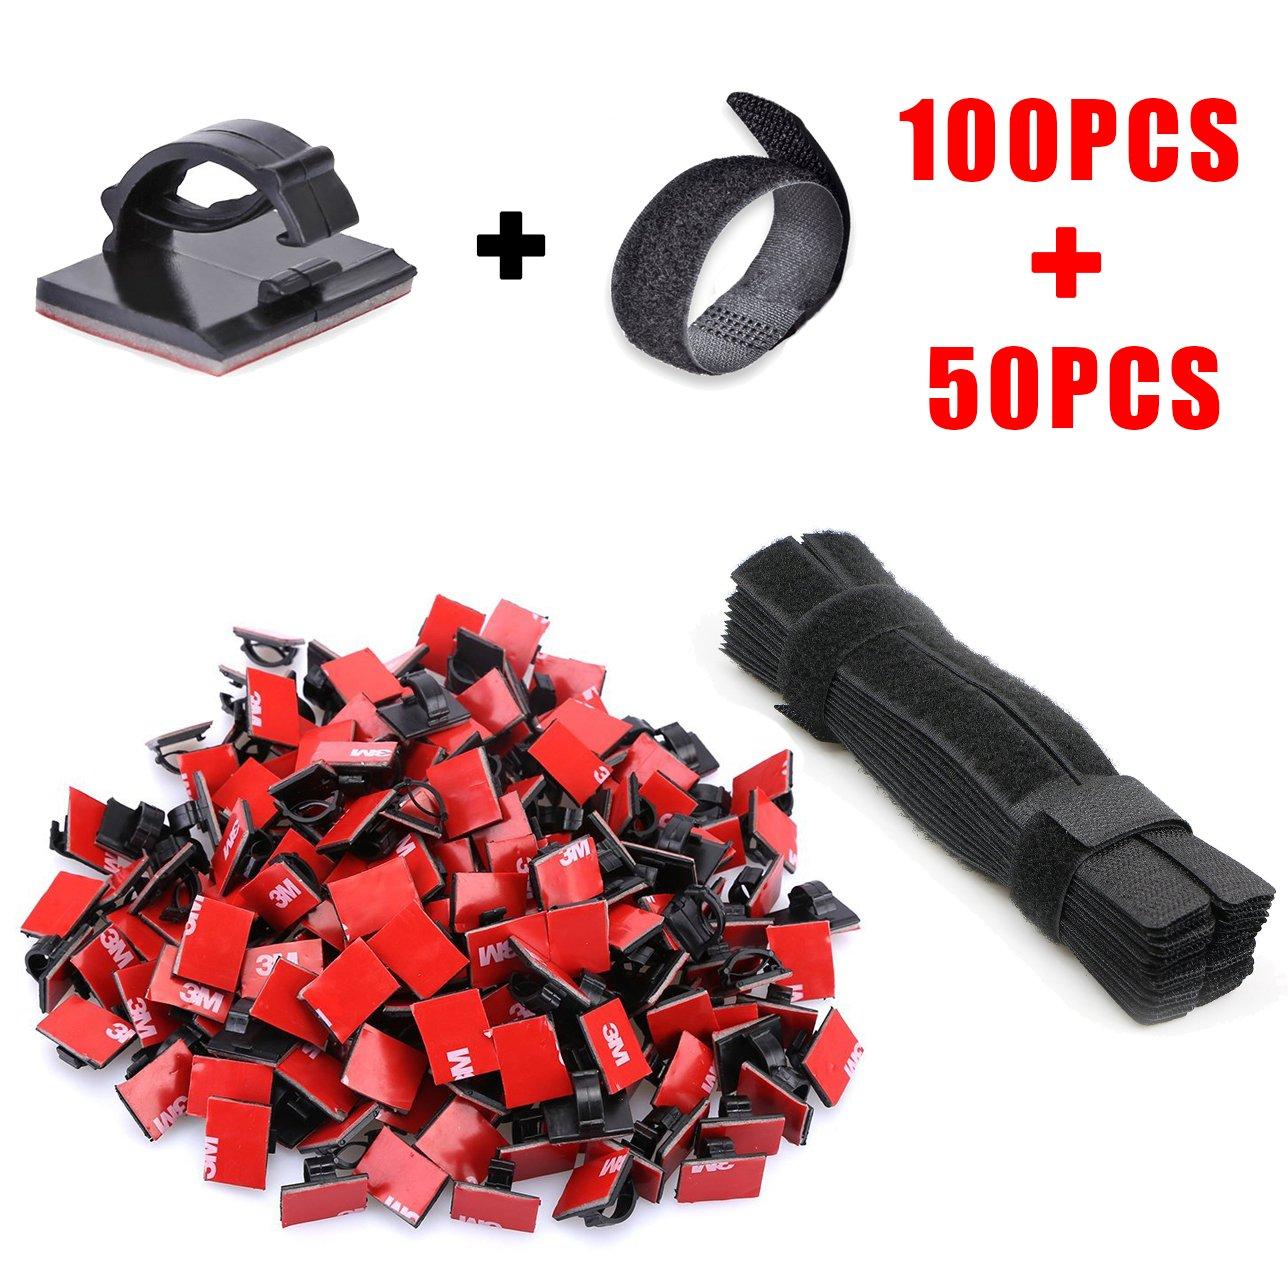 Cable Clips y Tiras de Velcro para Organizar Cables - Rantizon 100pcs Clips  de Cable Autoadhesivos 913f8255adce